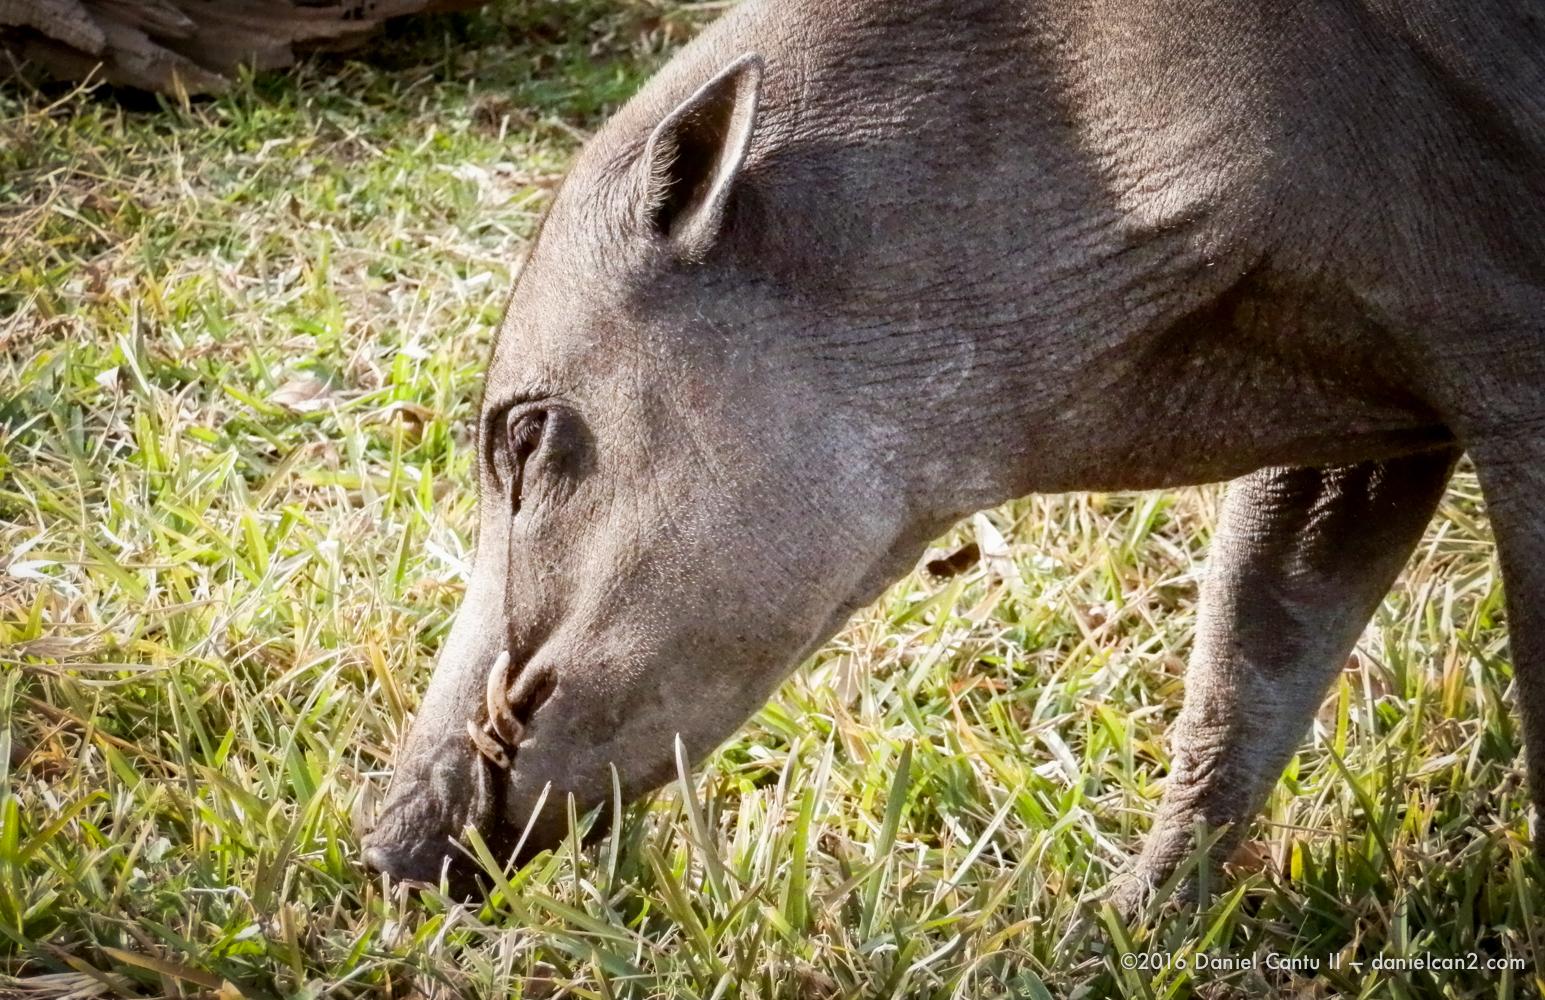 Daniel-Cantu-II-Zoo-SA-TX-2015-5.jpg